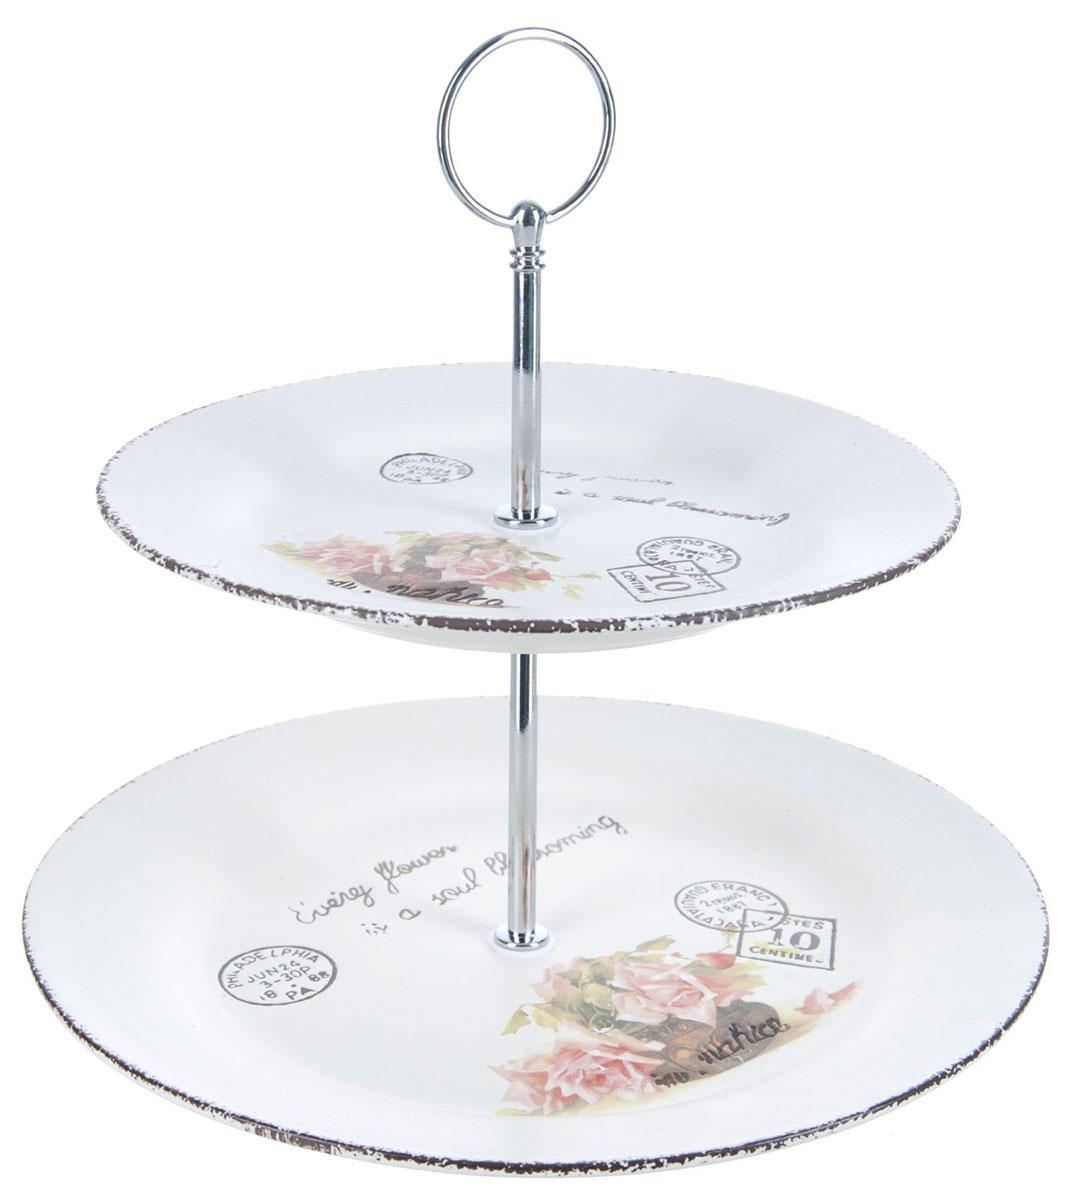 Ваза для фруктов ENS Group Чайная роза, двухъярусная. 1750166CM000001328Двухъярусная ваза ENS Group Чайная роза, выполненная из доломитовой керамики, сочетает в себе изысканный дизайн с максимальной функциональностью. Блюда вазы украшены цветочным рисунком. Изделие предназначено для красивой сервировки фруктов. Такая ваза для фруктов придется по вкусу и ценителям классики, и тем, кто предпочитает утонченность и изящность.Ваза для фруктов украсит сервировку вашего стола и подчеркнет прекрасный вкус хозяина, а также станет отличным подарком.